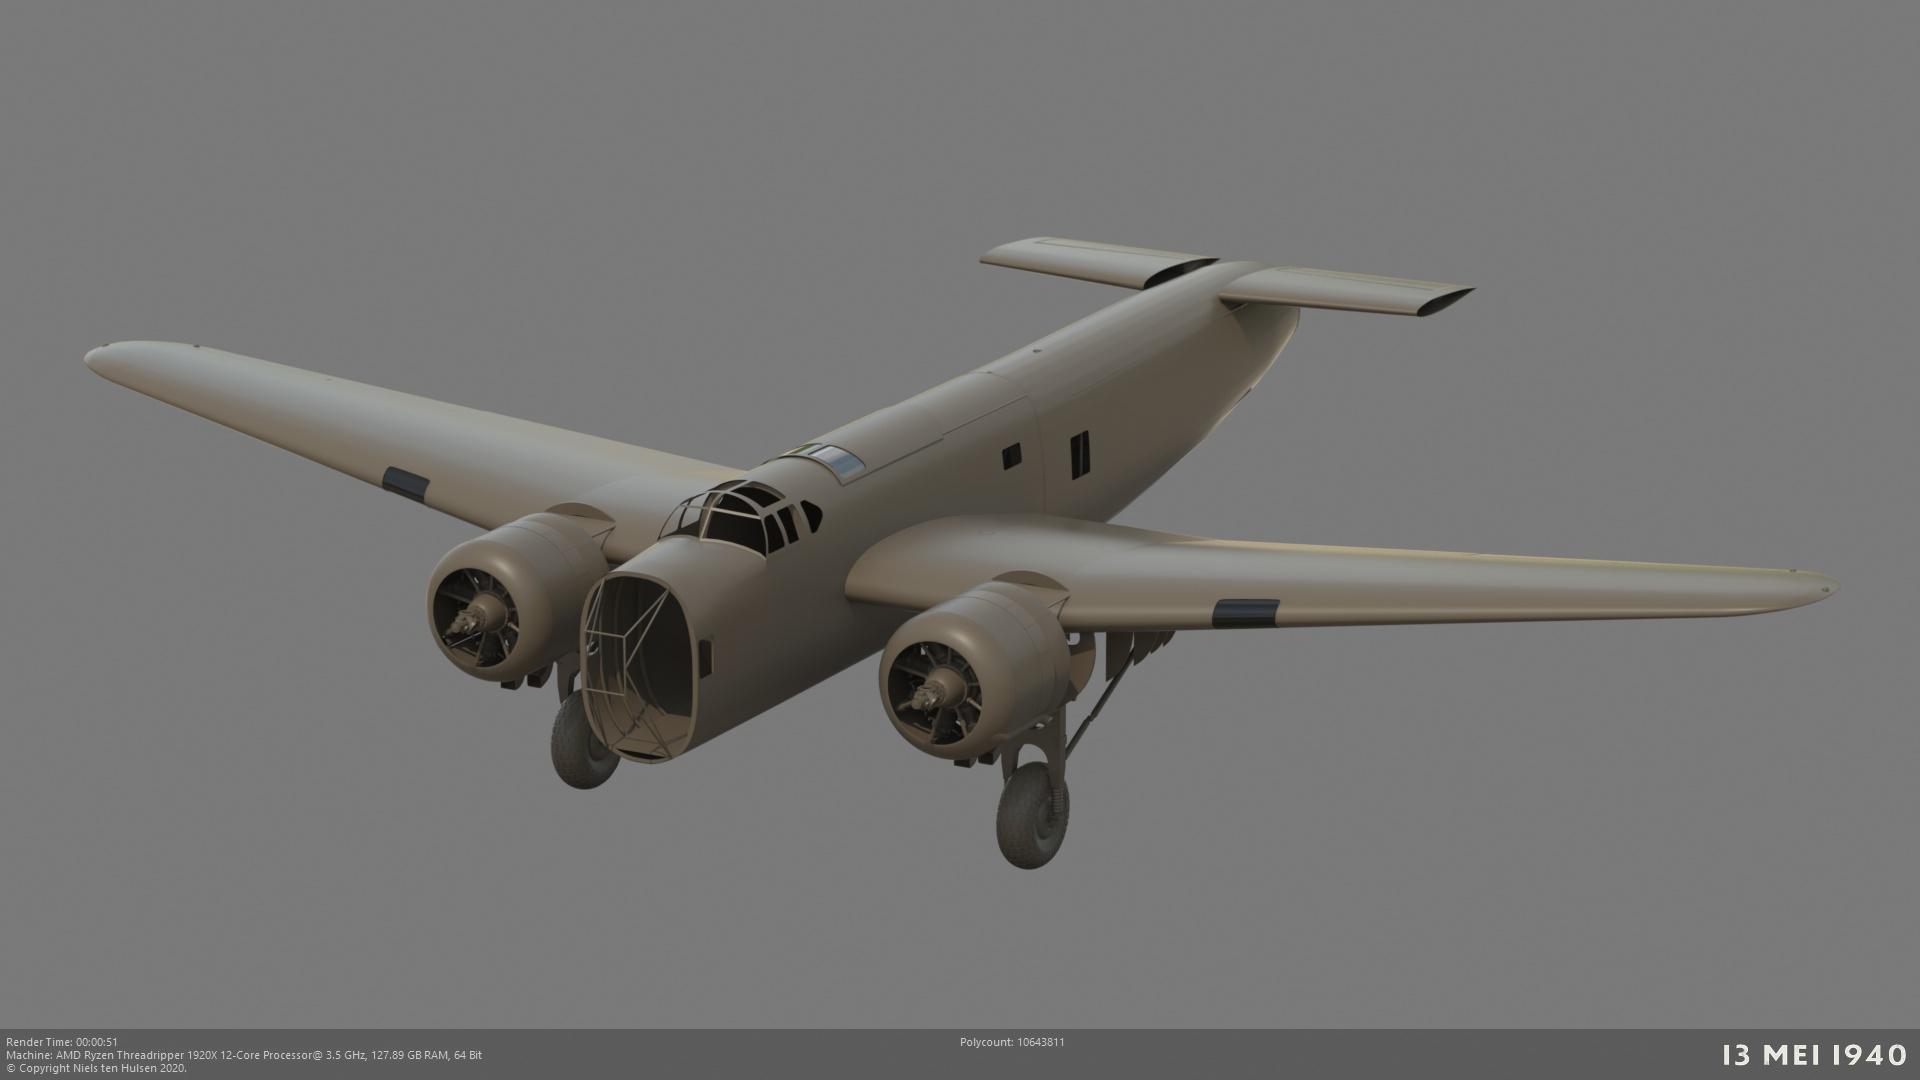 Naam: 001_FokkerT5_motor14.jpg Bekeken: 51 Grootte: 180,9 KB